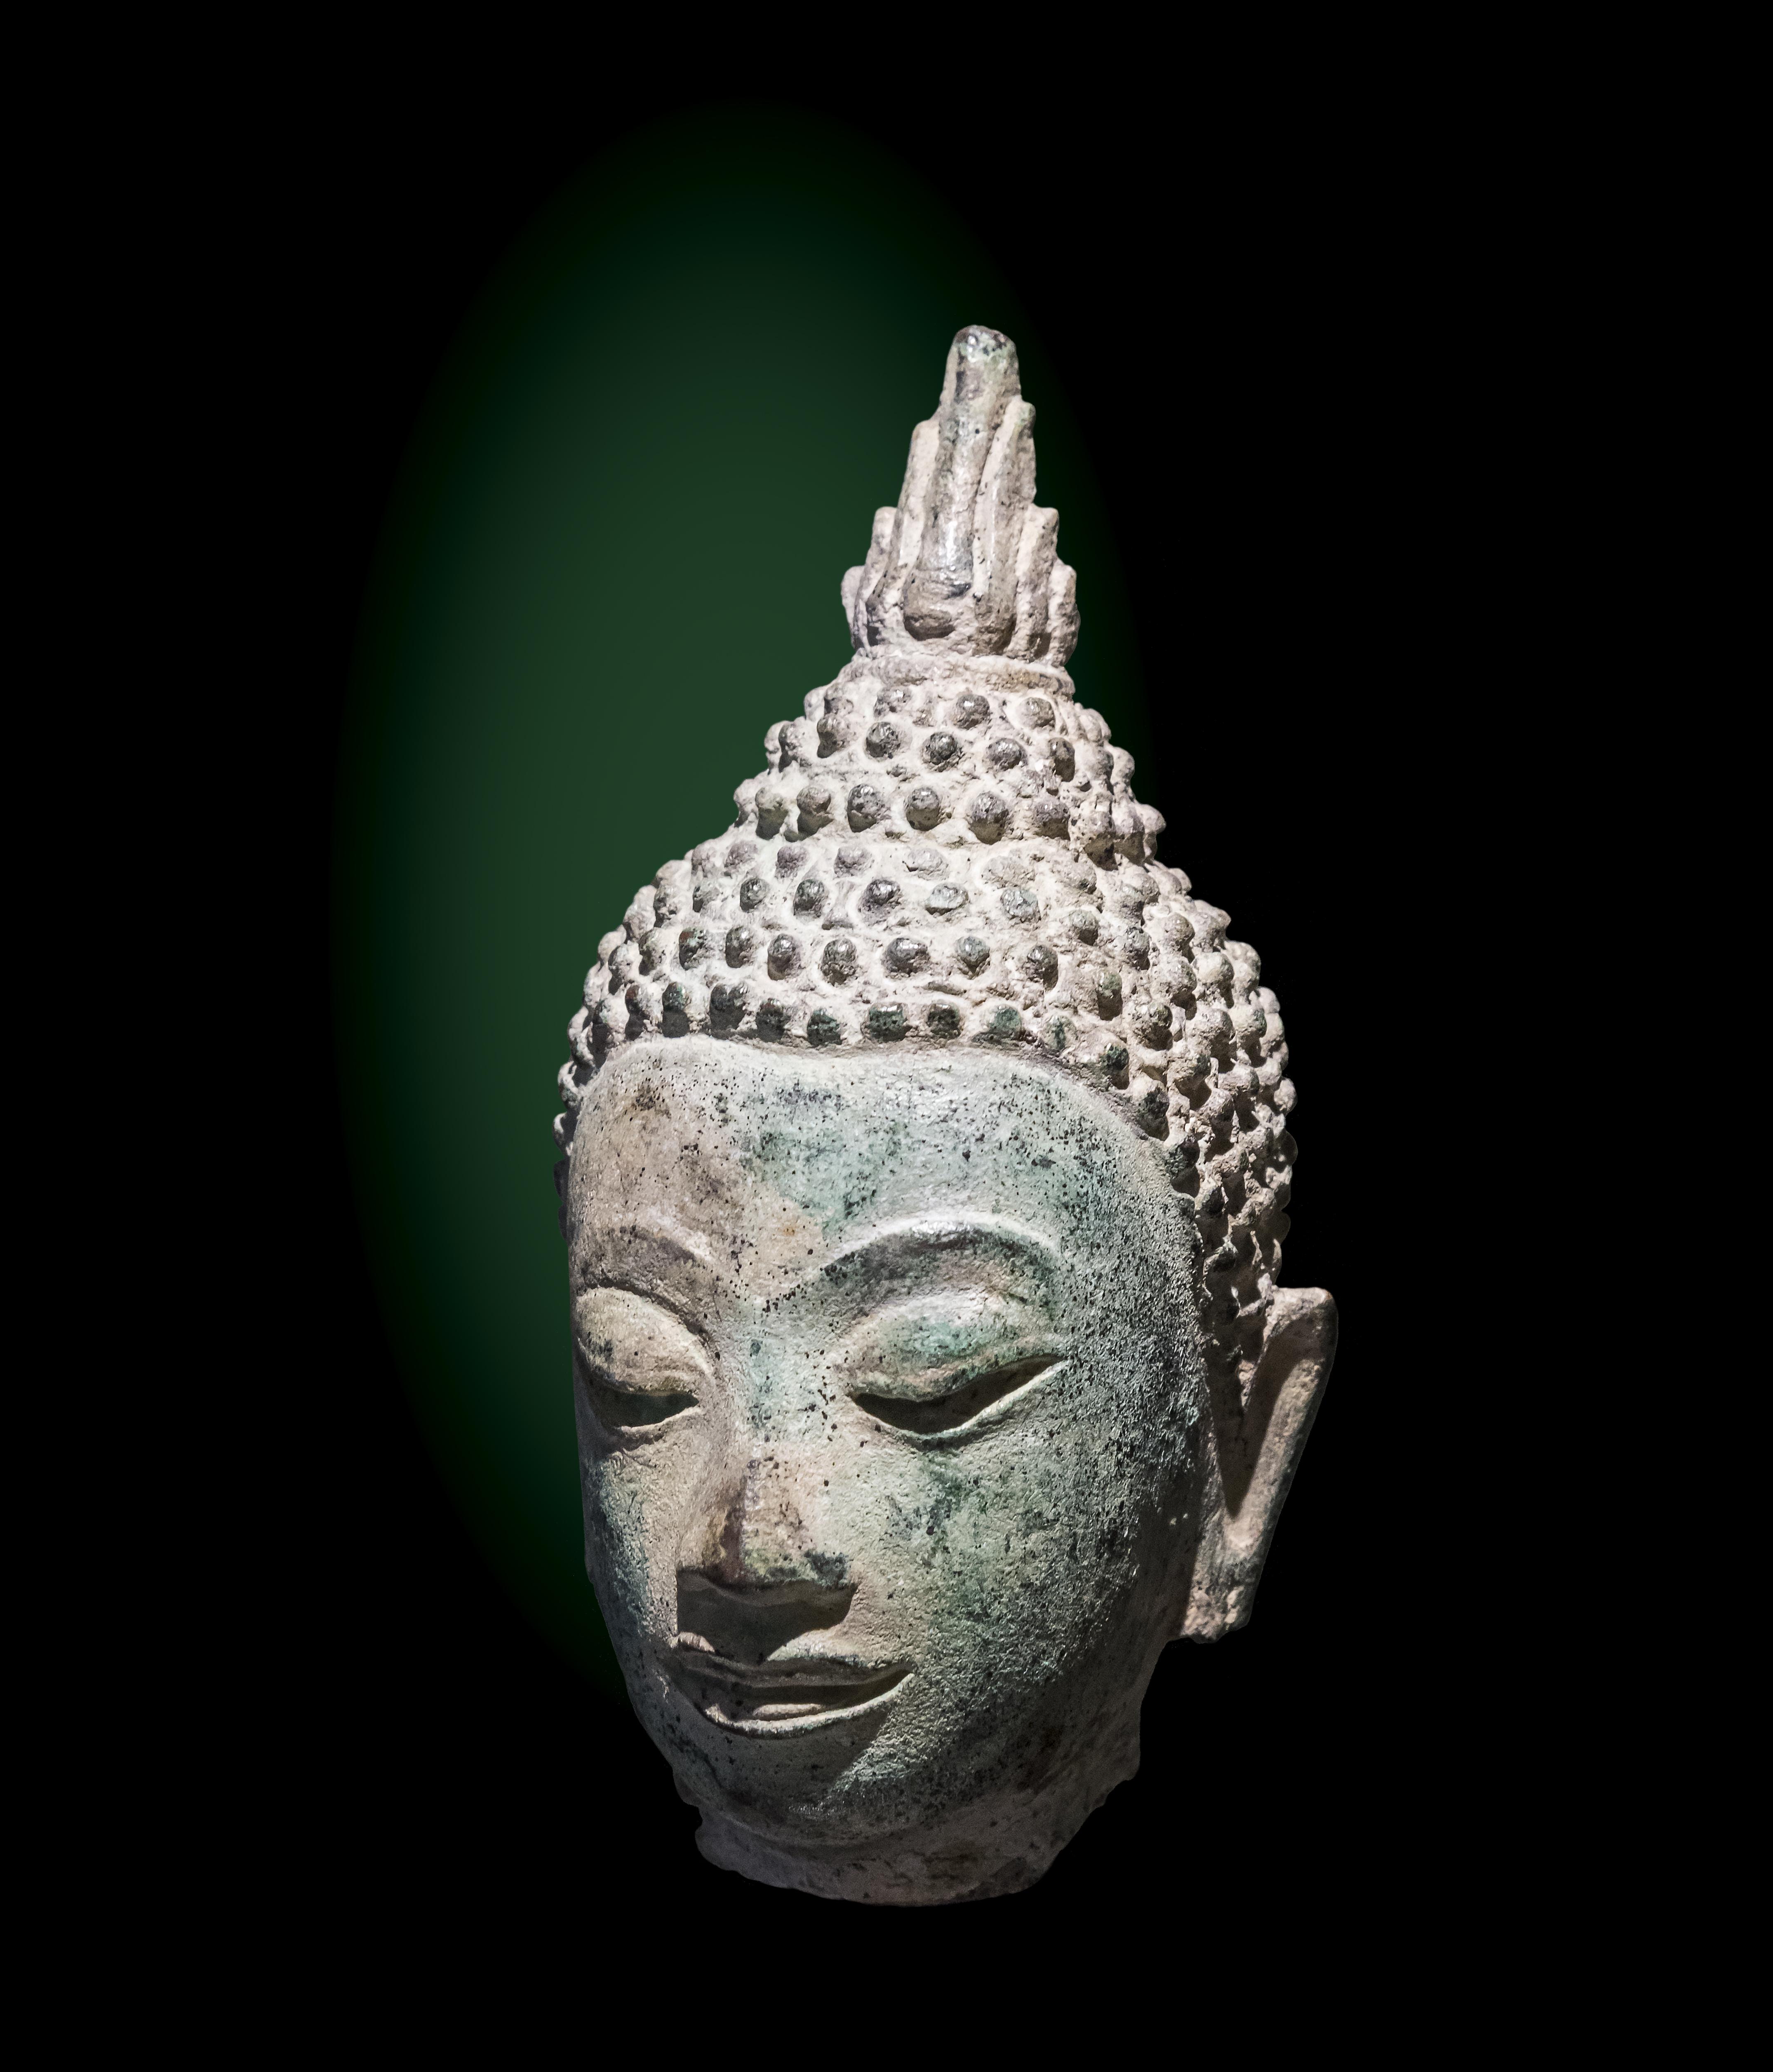 file labit t te de bouddha ecole de sukhothai tha lande. Black Bedroom Furniture Sets. Home Design Ideas